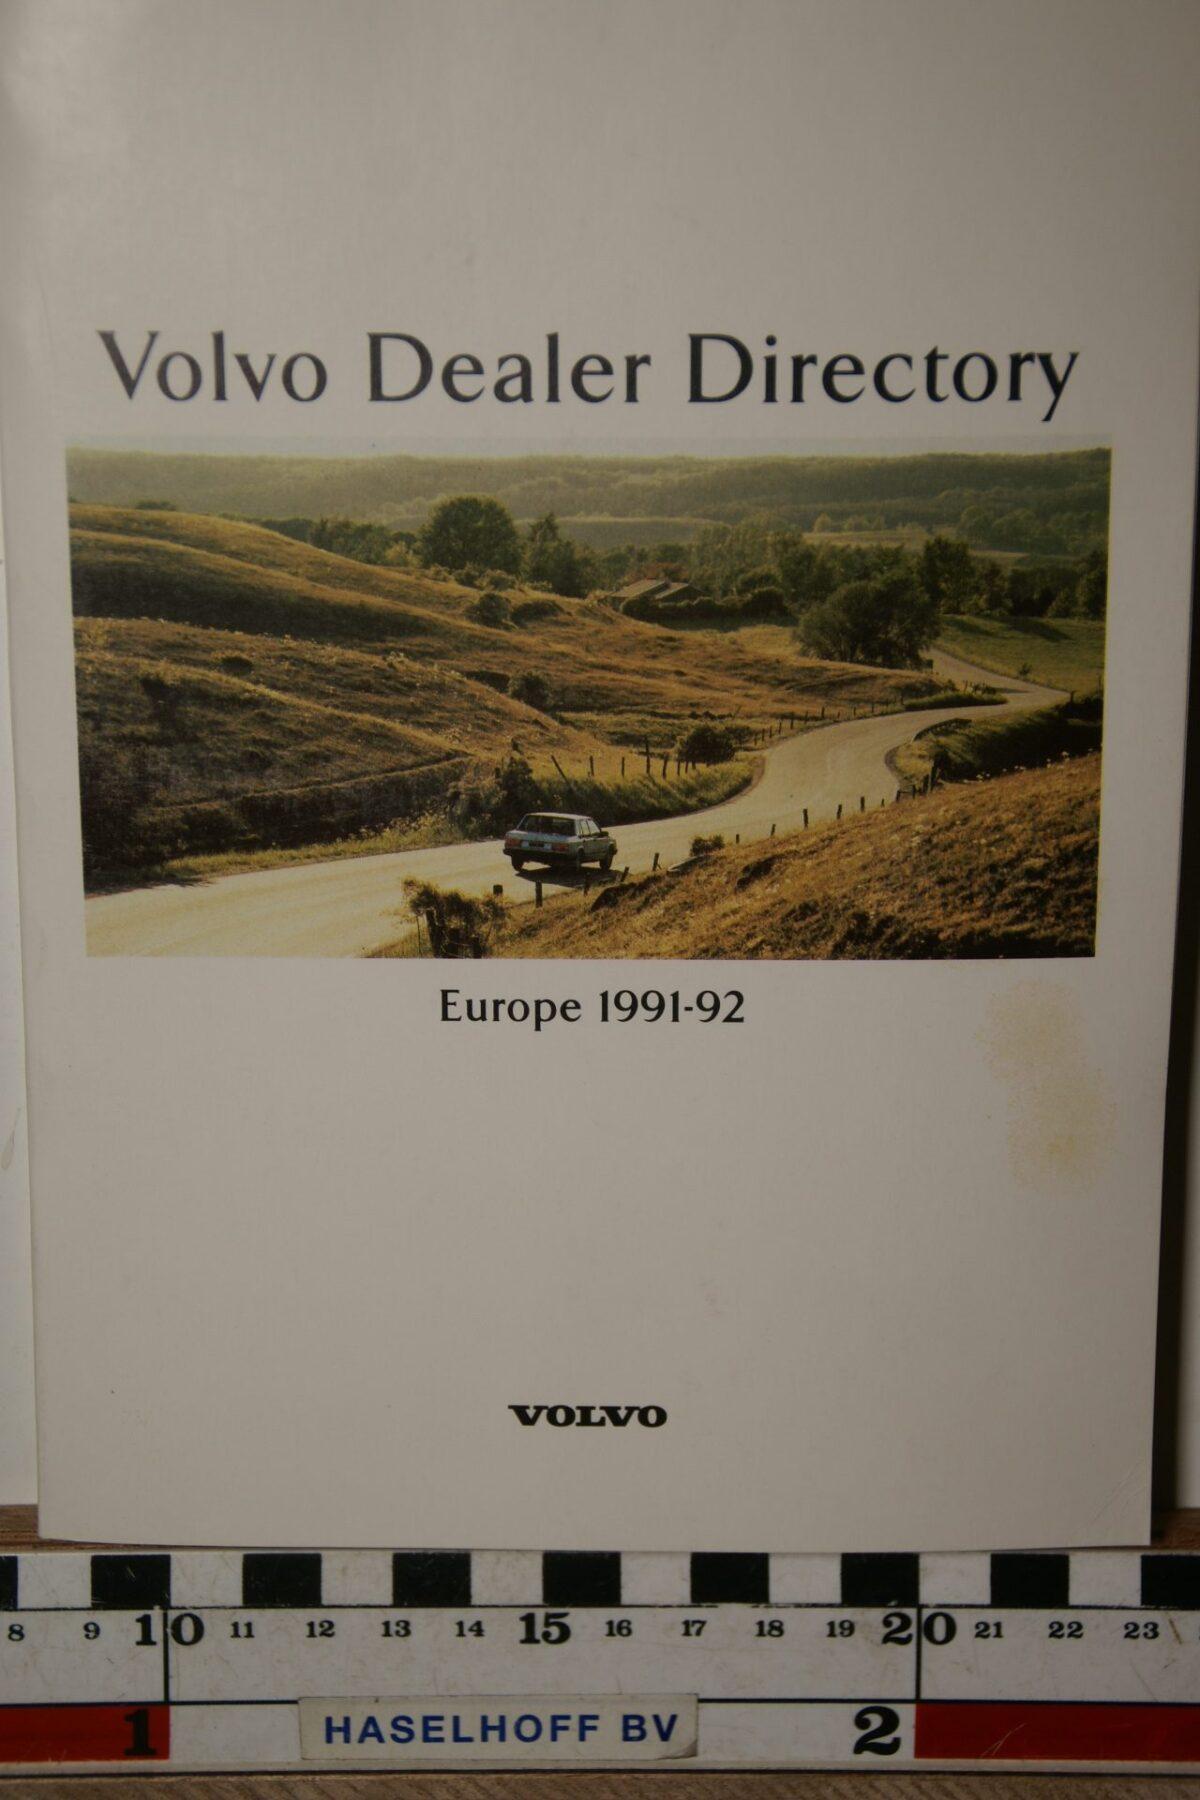 DSC02493 1992 boekje Volvo dealers in Europa MSPV 5530